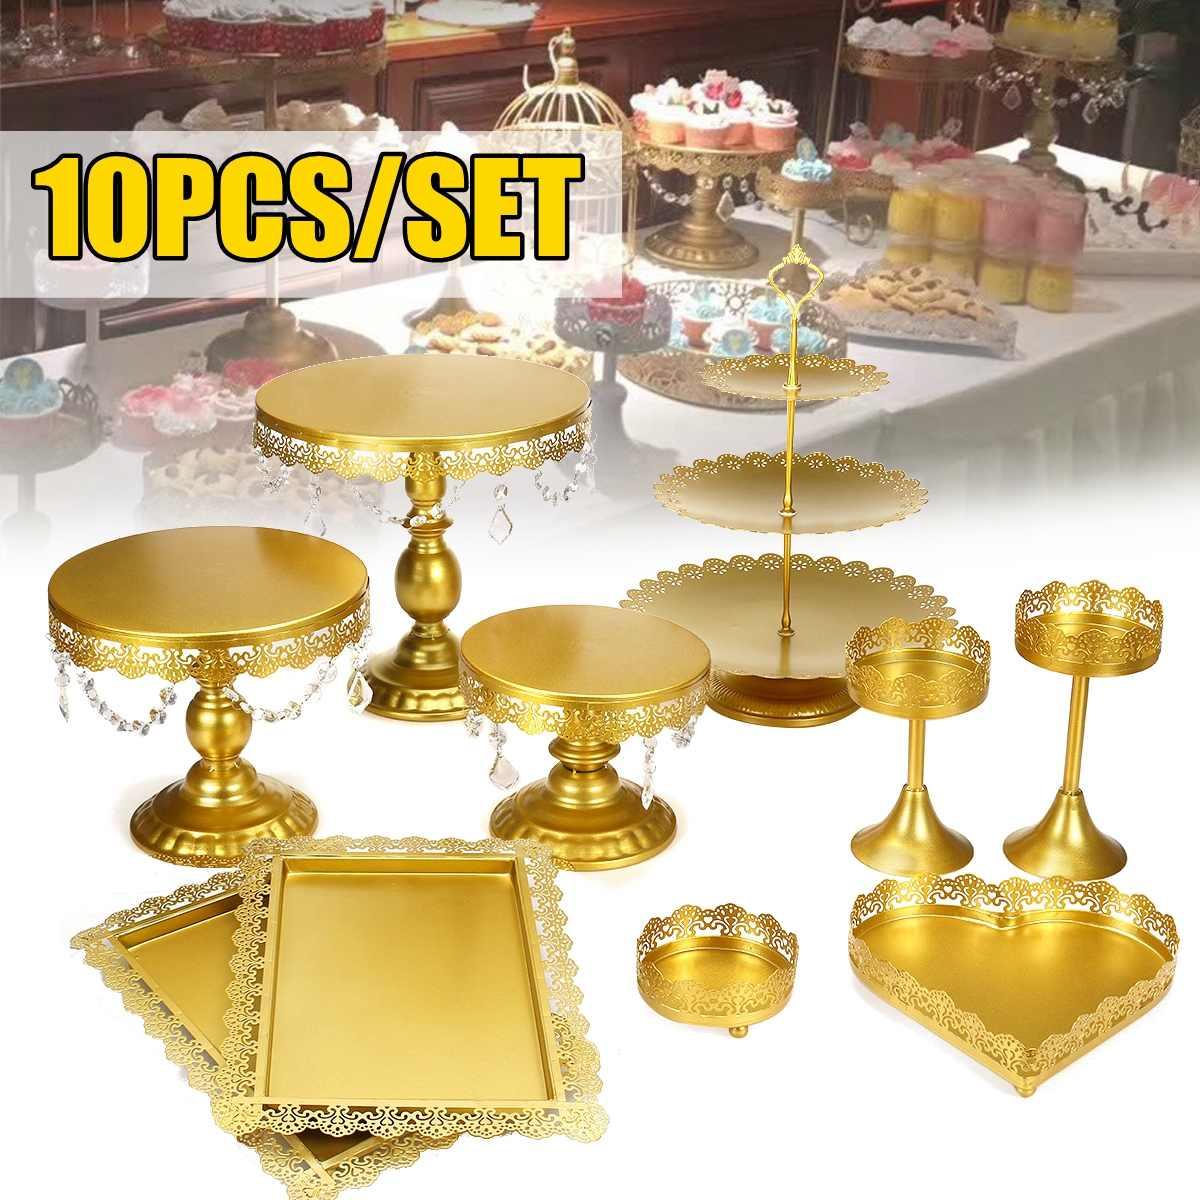 10 pièces or métal Cupcake support de gâteau Dessert support ensemble de mariage événement fête affichage tour plaque avec bijoux pendentif Floral Borde